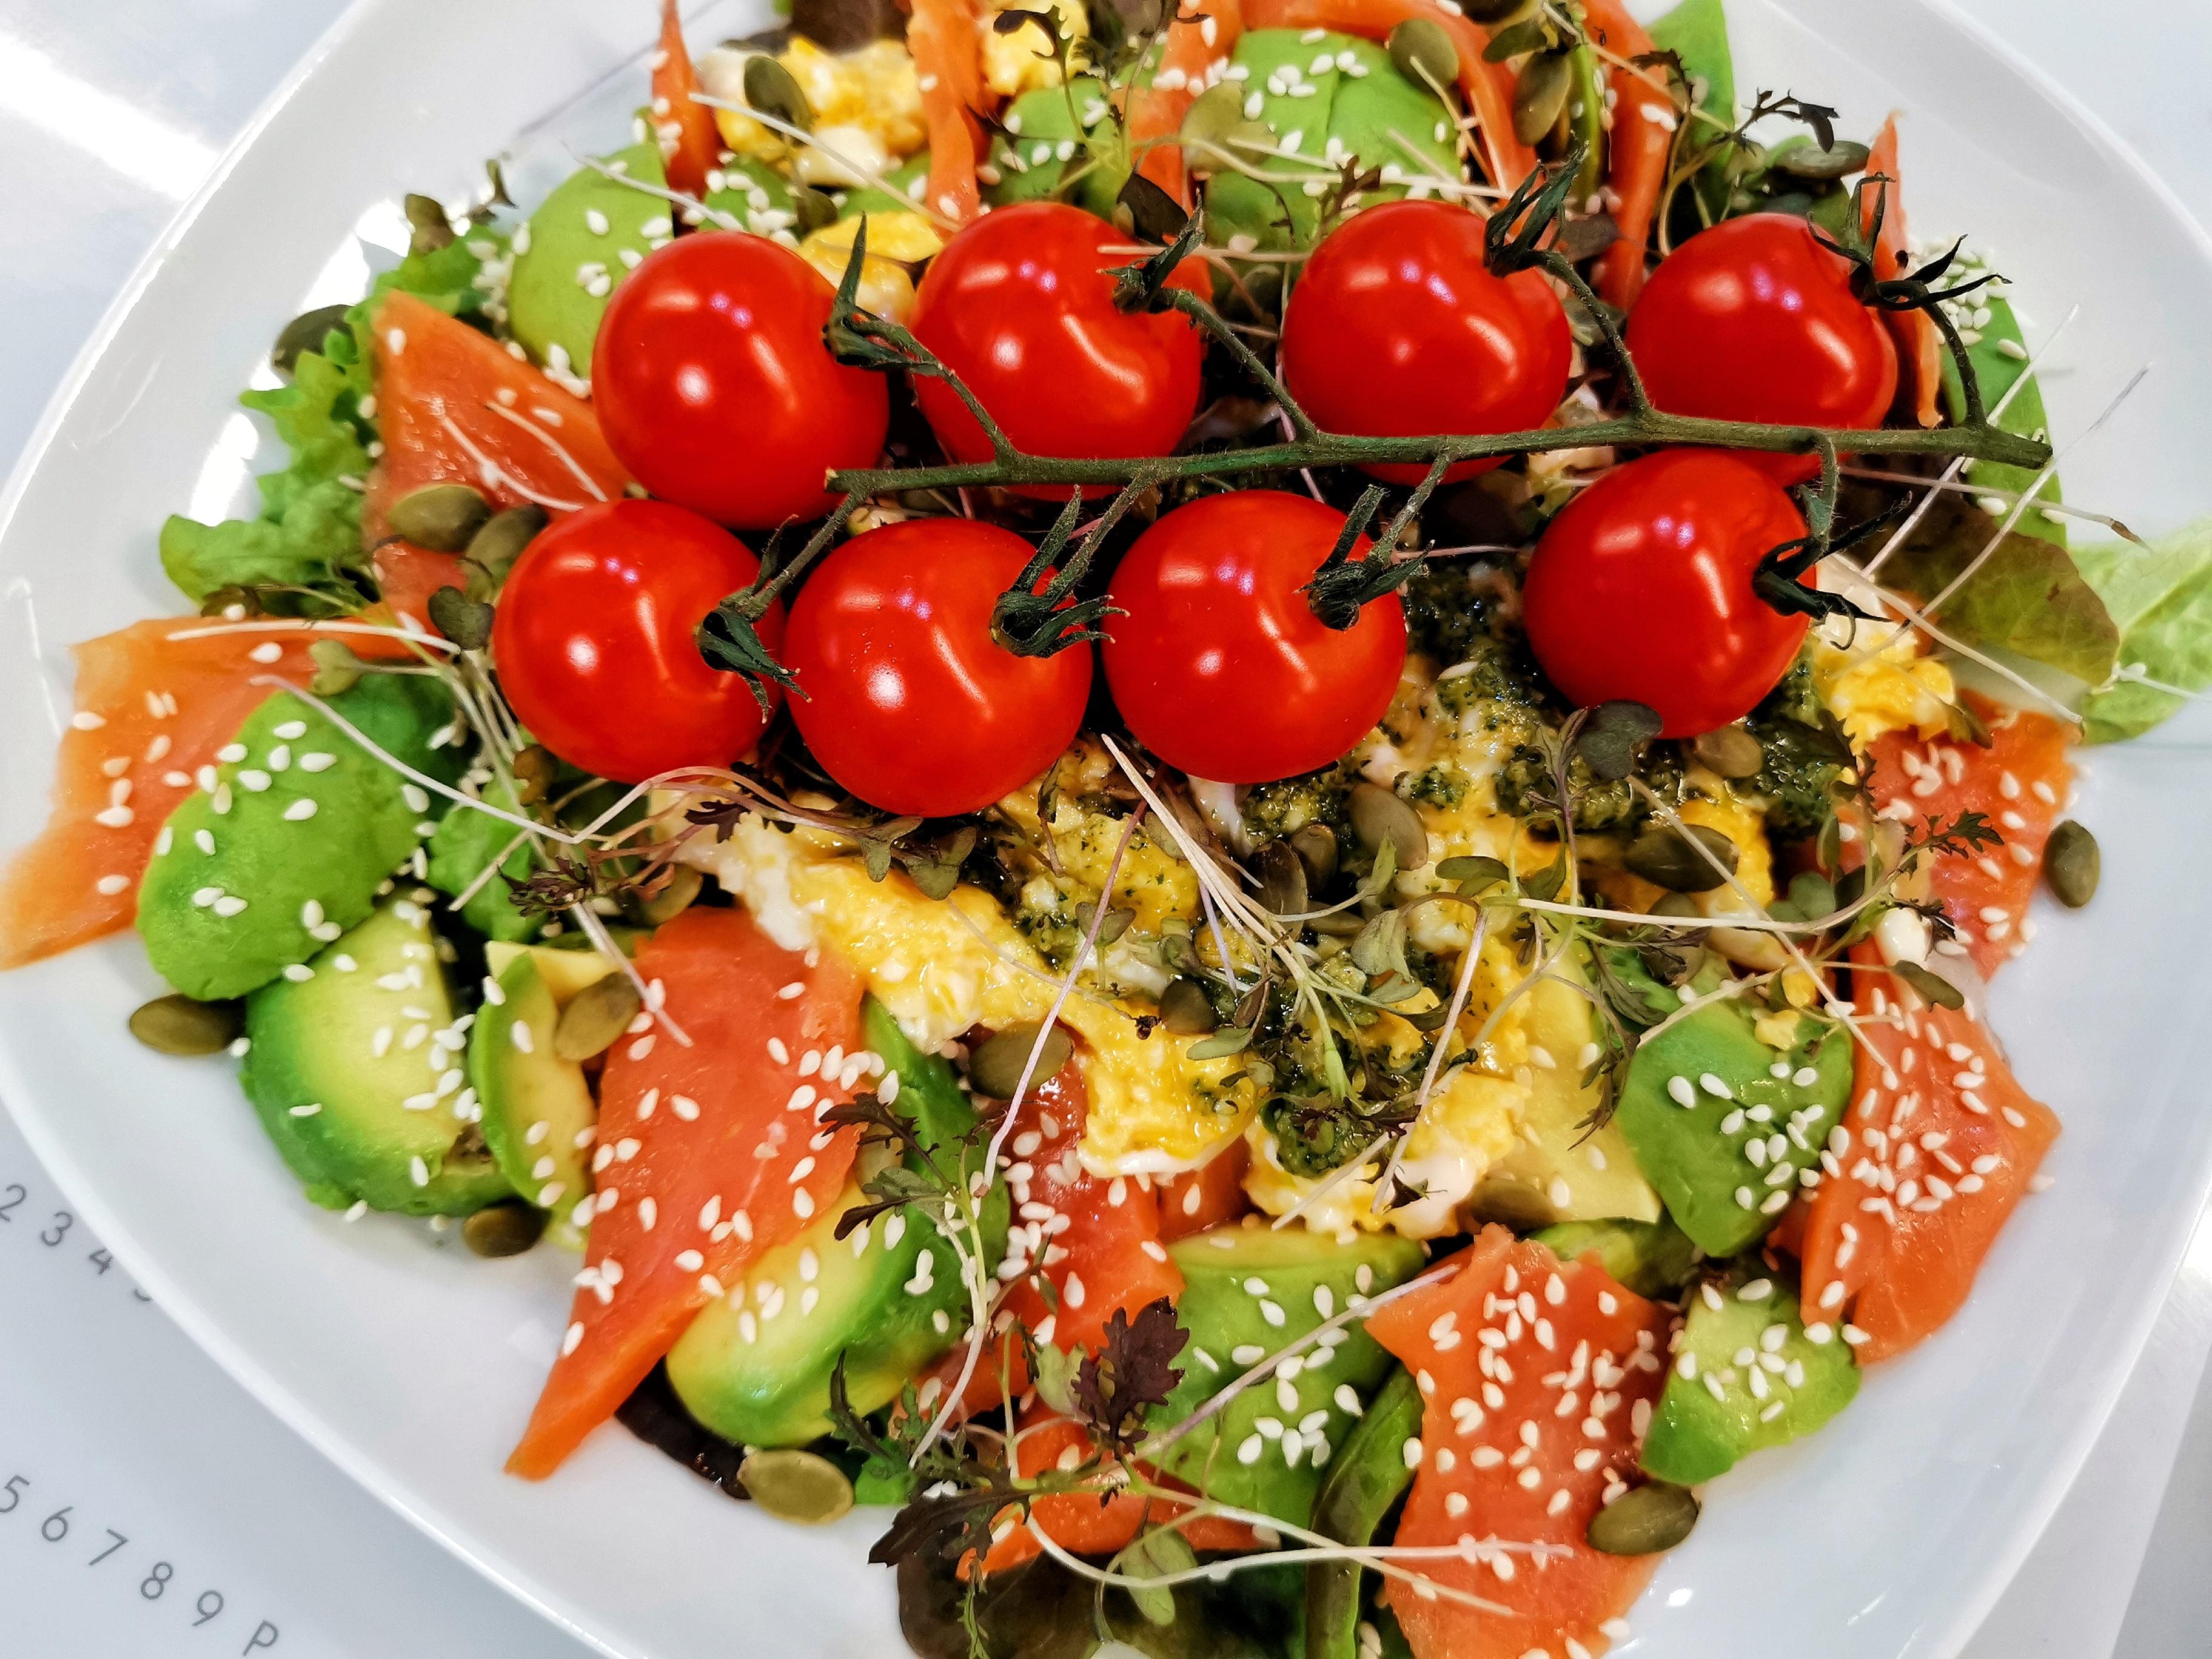 Салат из кижуча с авокадо и соусом песто